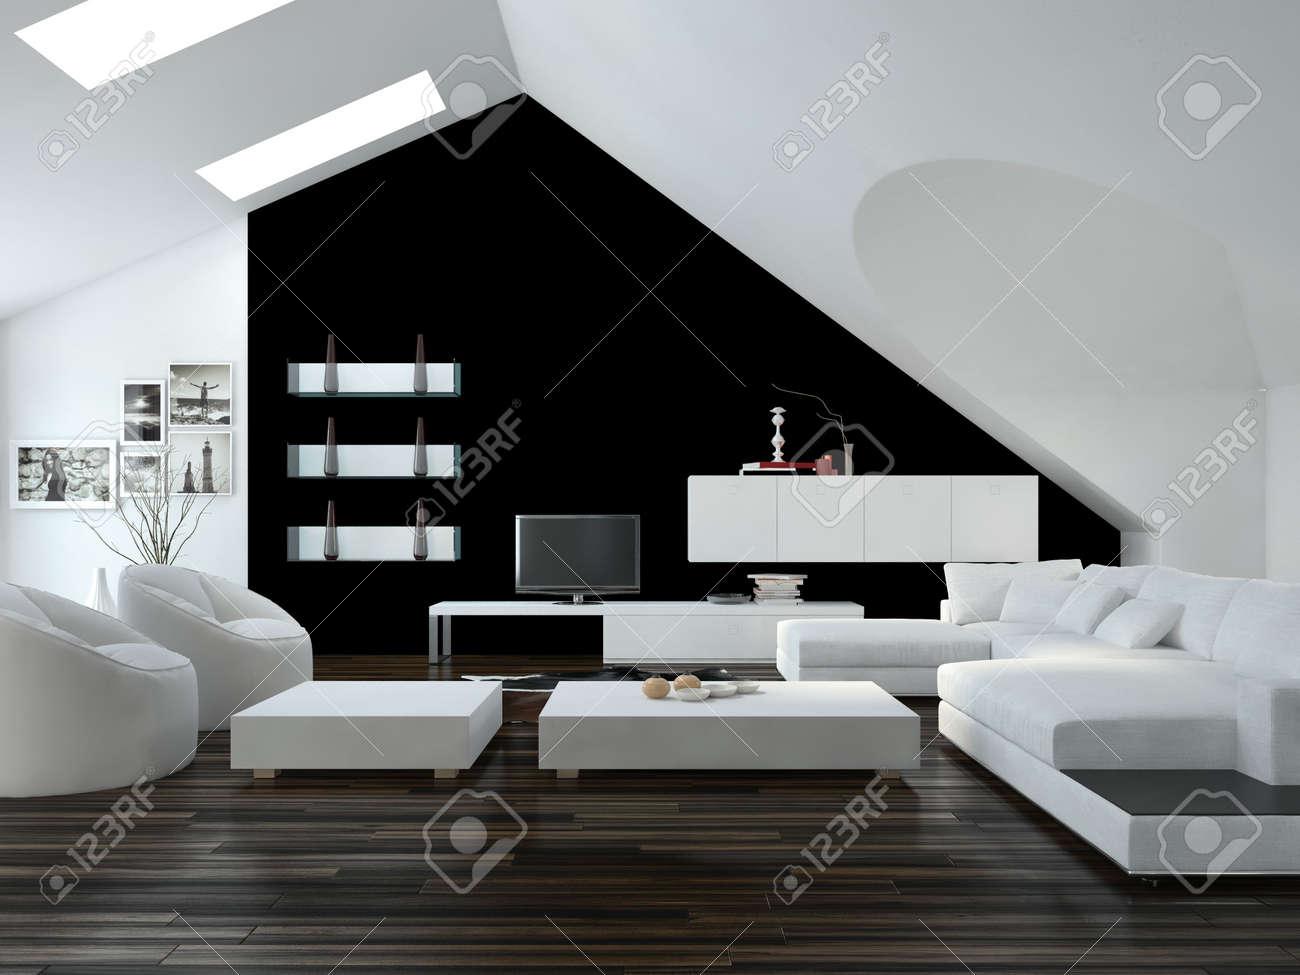 Modern design loft woonkamer interieur met dakramen in het schuine ...